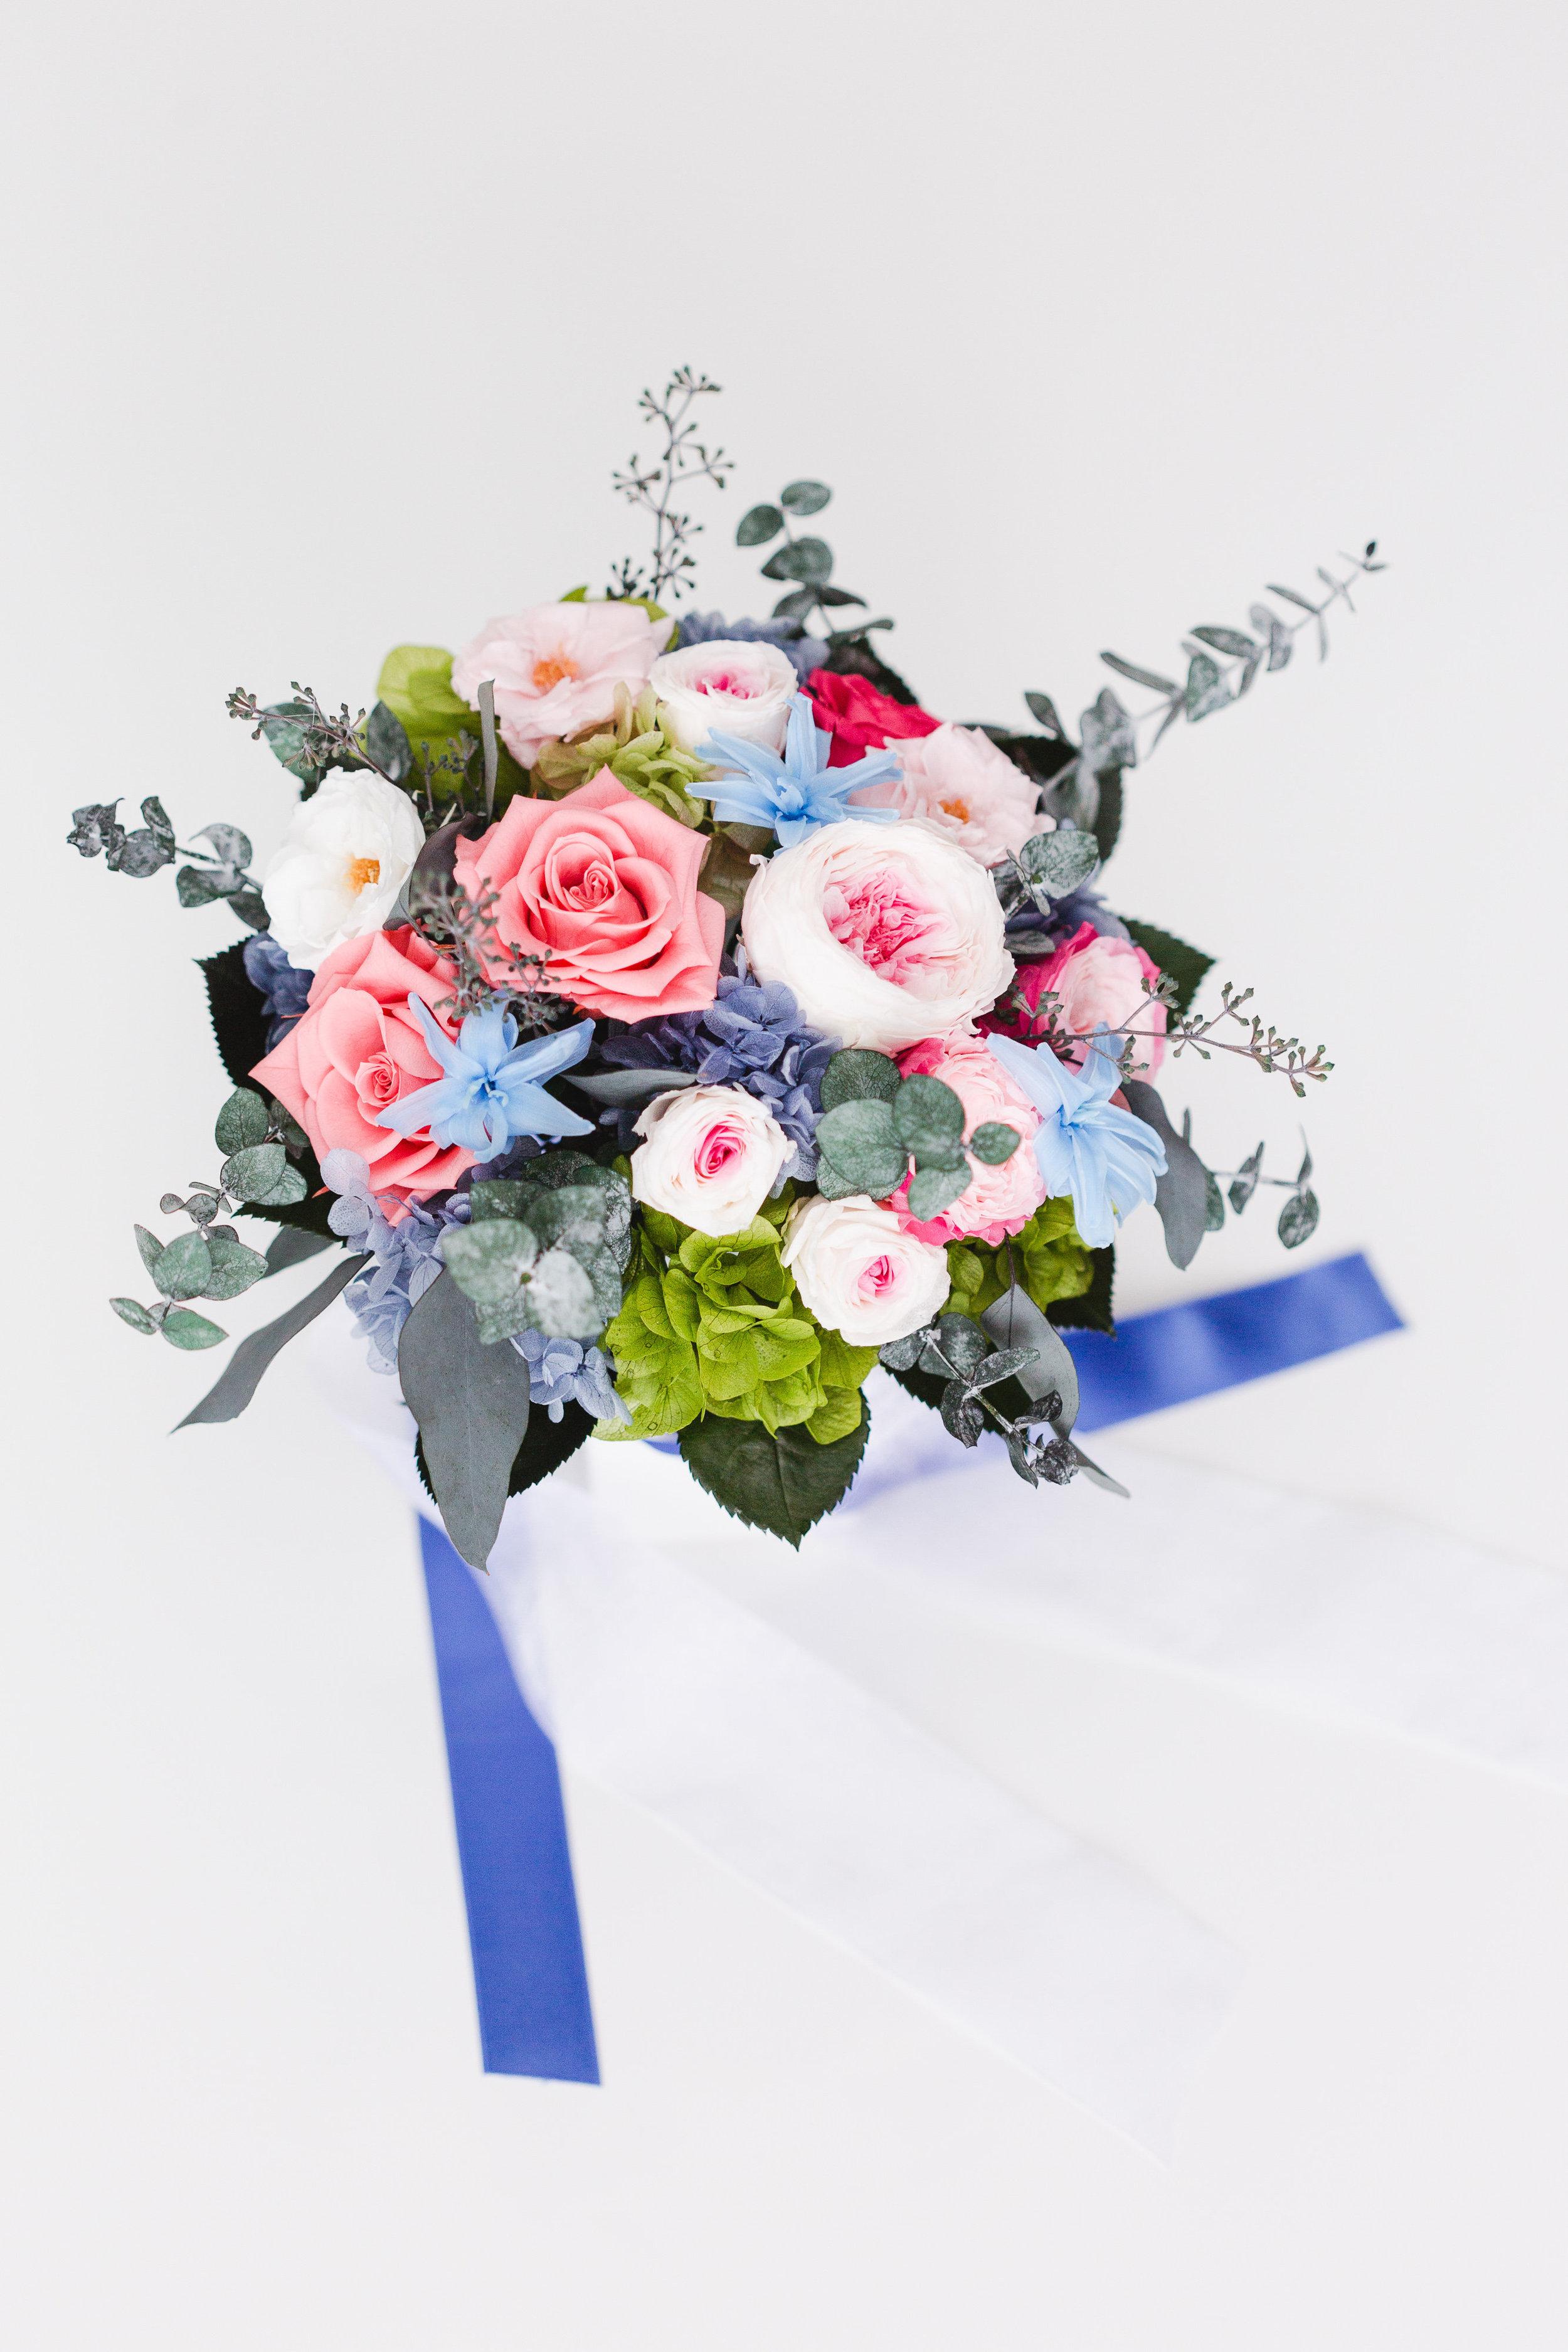 Eardley Flower by Chisa-Full Gallery-0006.jpg